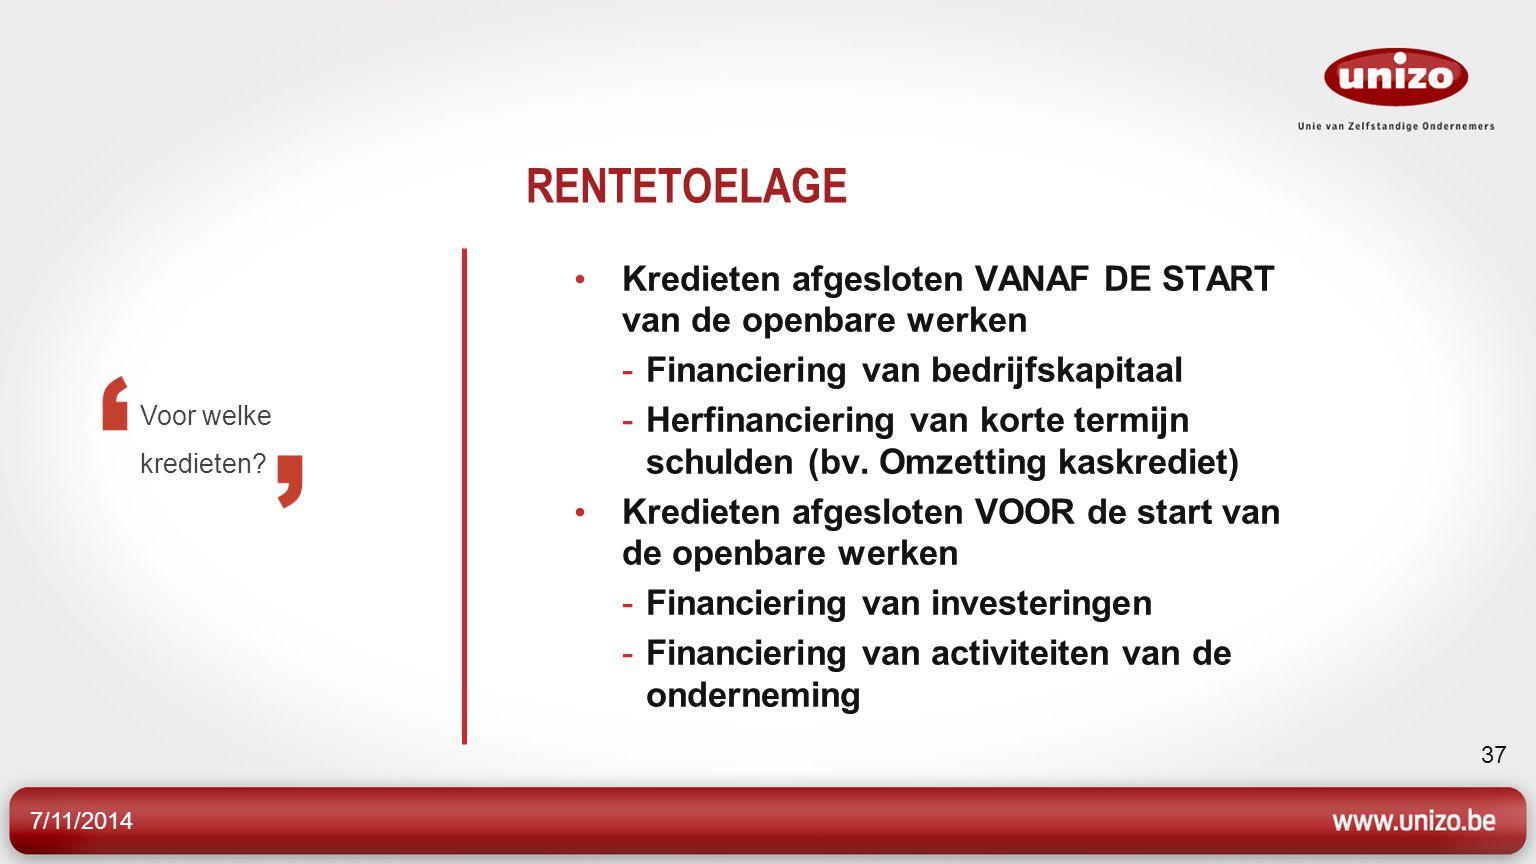 7/11/2014 37 RENTETOELAGE Kredieten afgesloten VANAF DE START van de openbare werken -Financiering van bedrijfskapitaal -Herfinanciering van korte termijn schulden (bv.